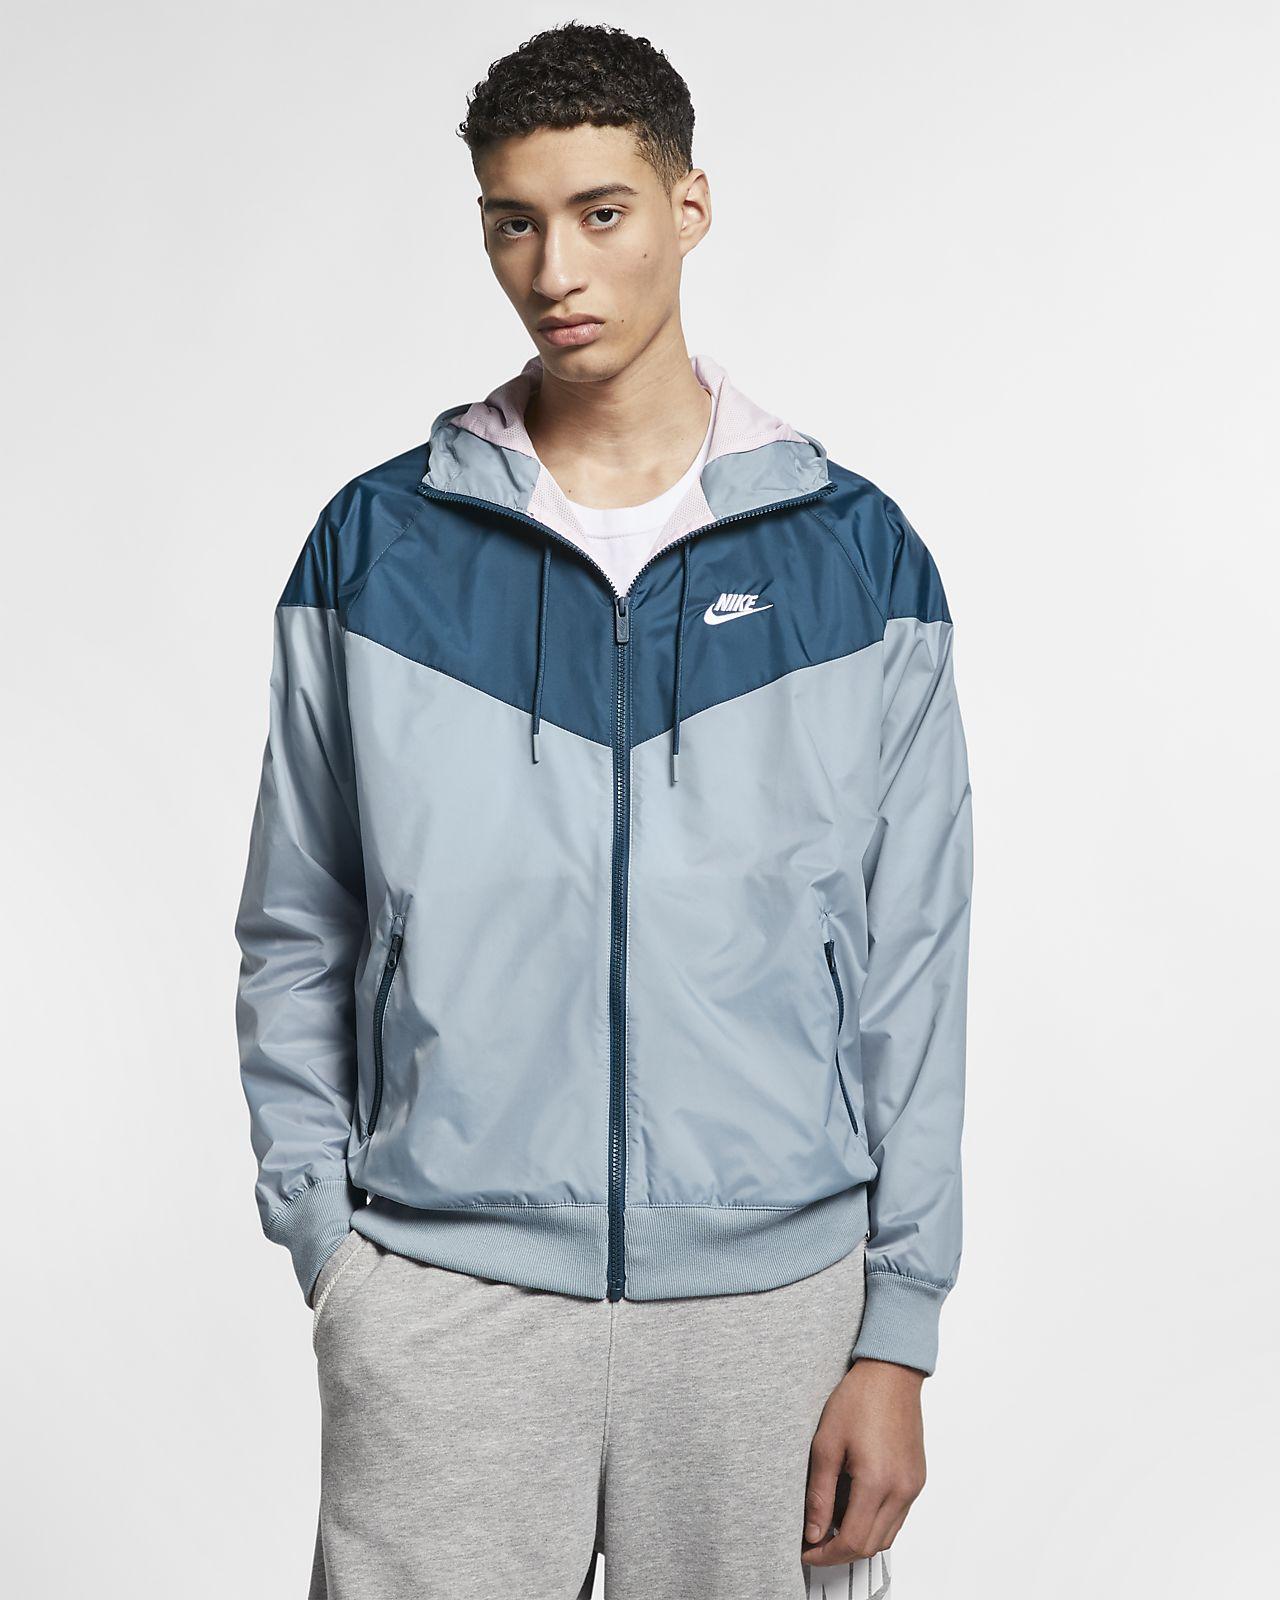 Мужская ветровка с капюшоном Nike Sportswear Windrunner